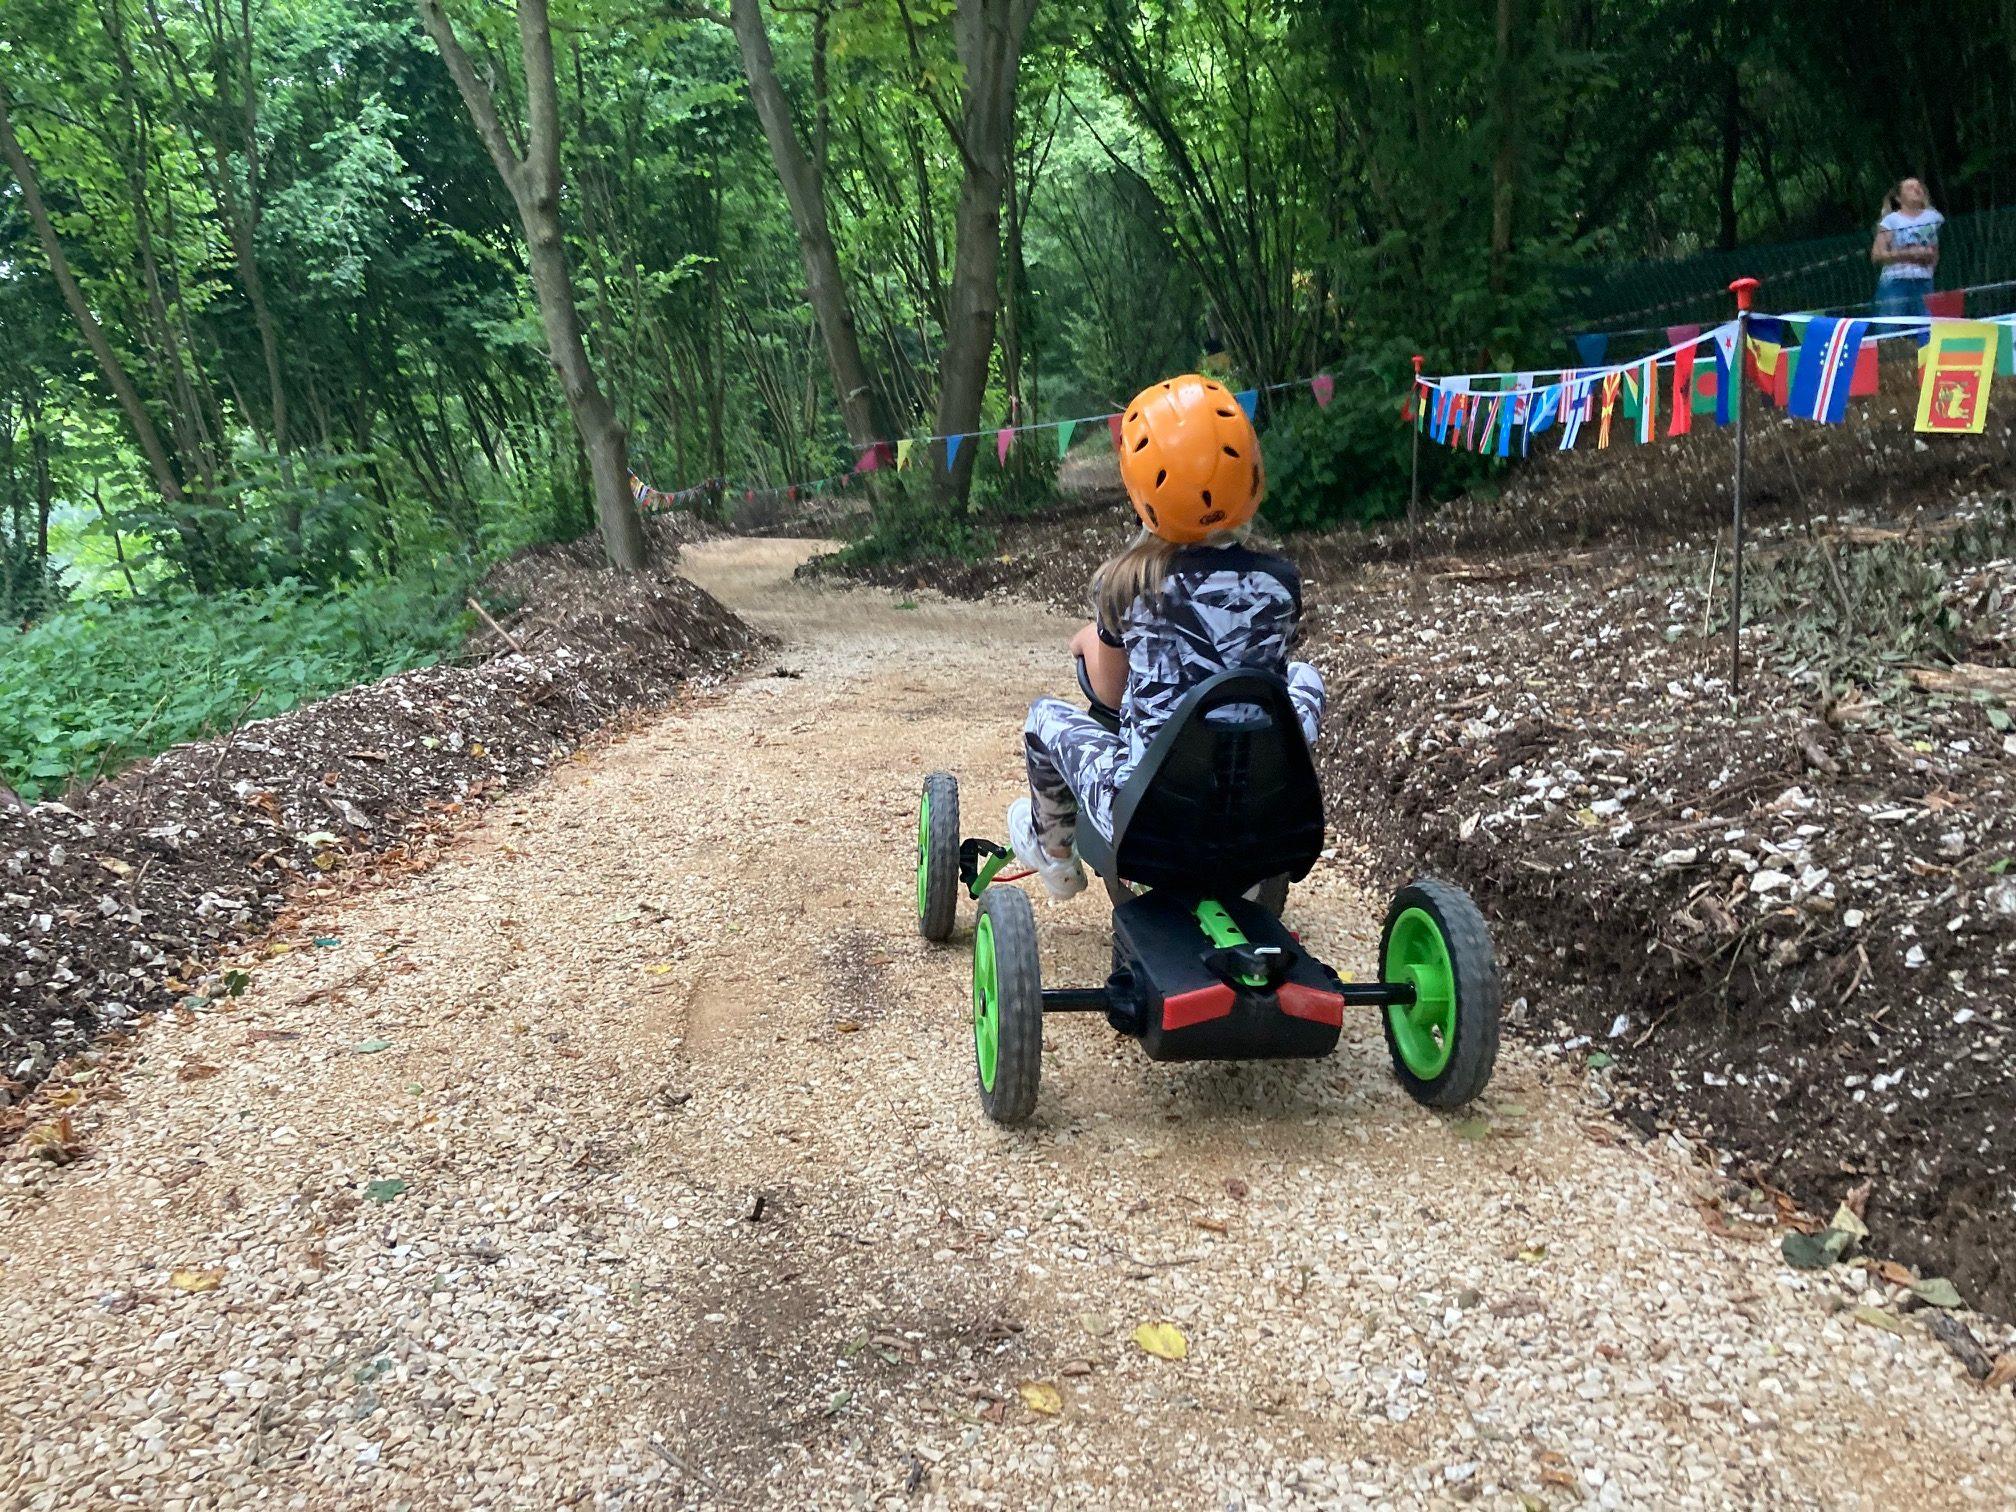 Pista quad a pedali Veja Adventure Park